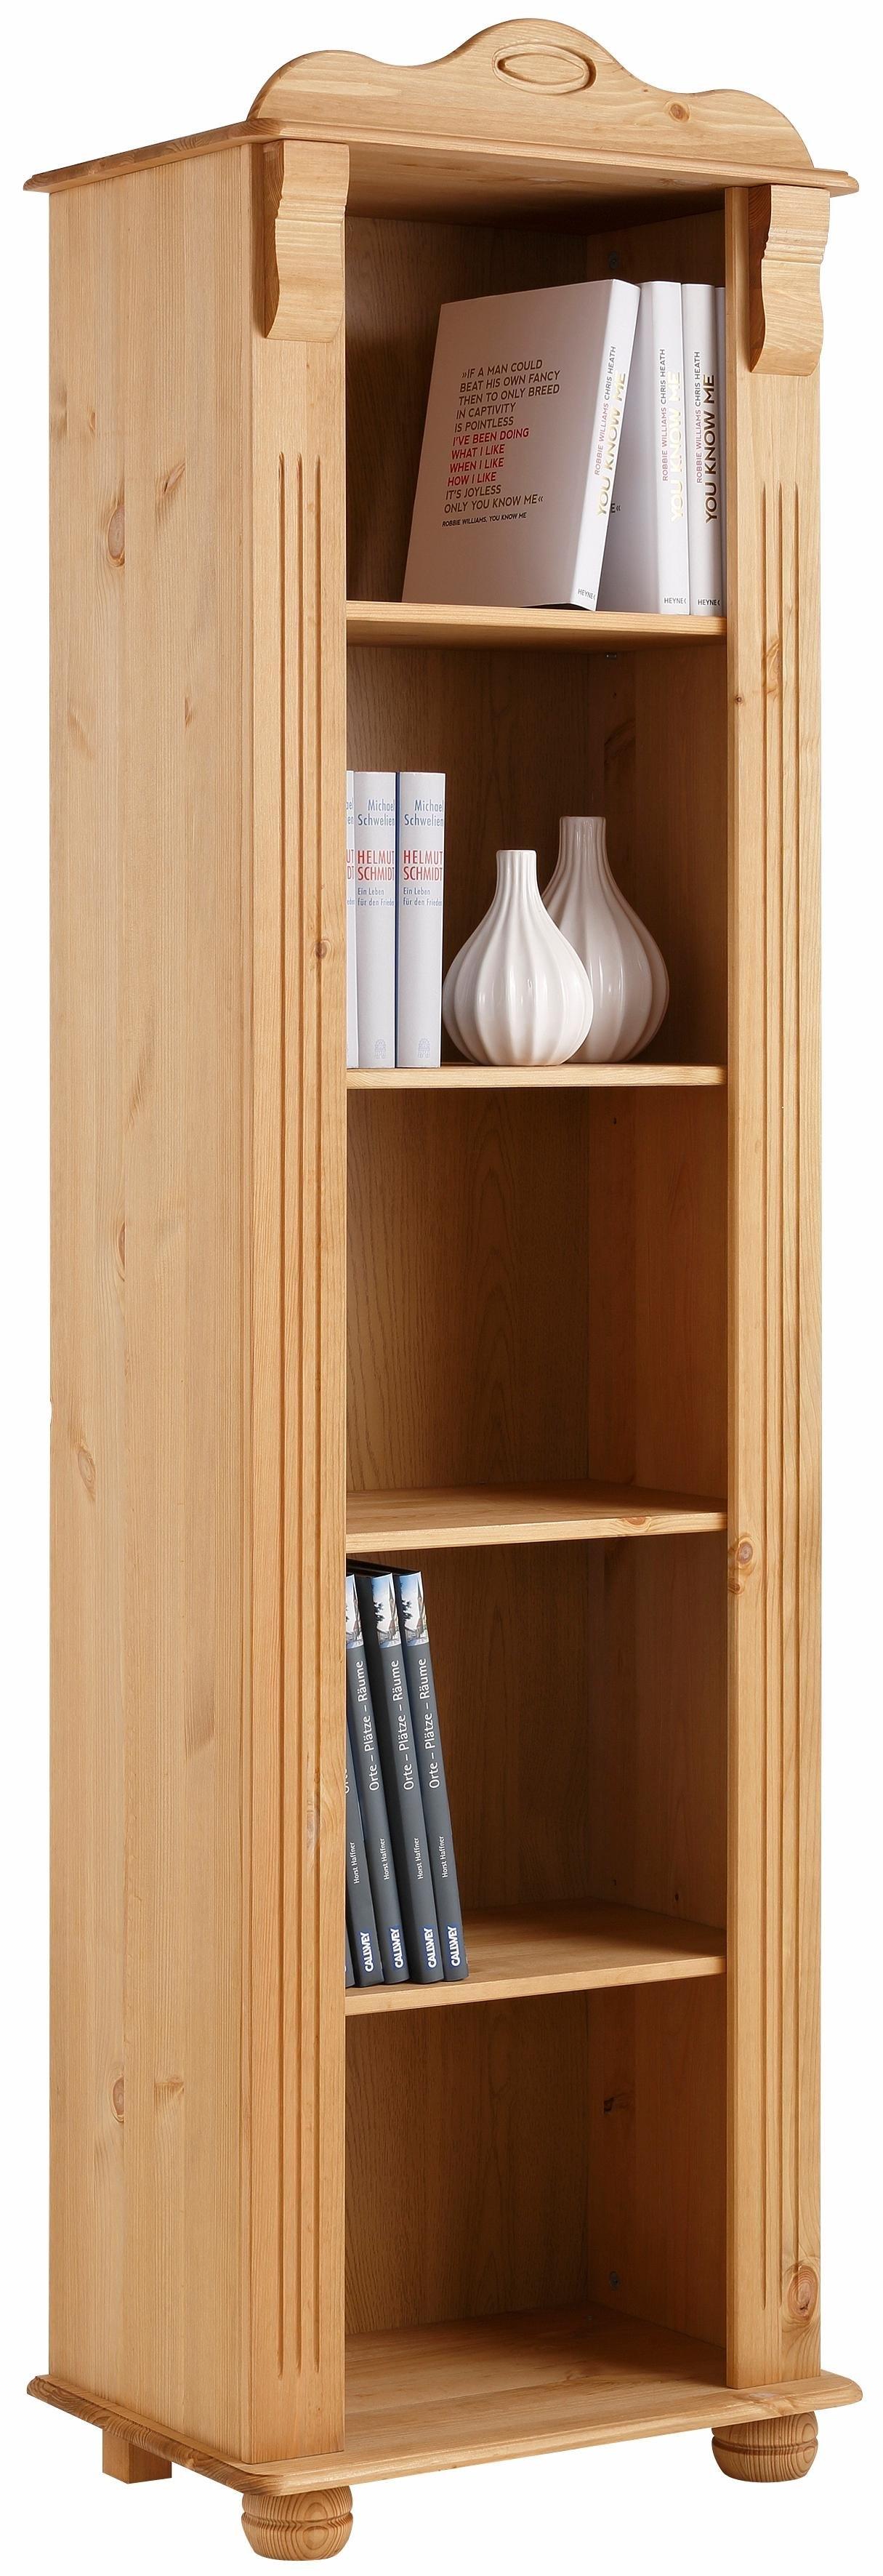 Boekenkasten kopen? Veel verschillende betaalmethodes | OTTO